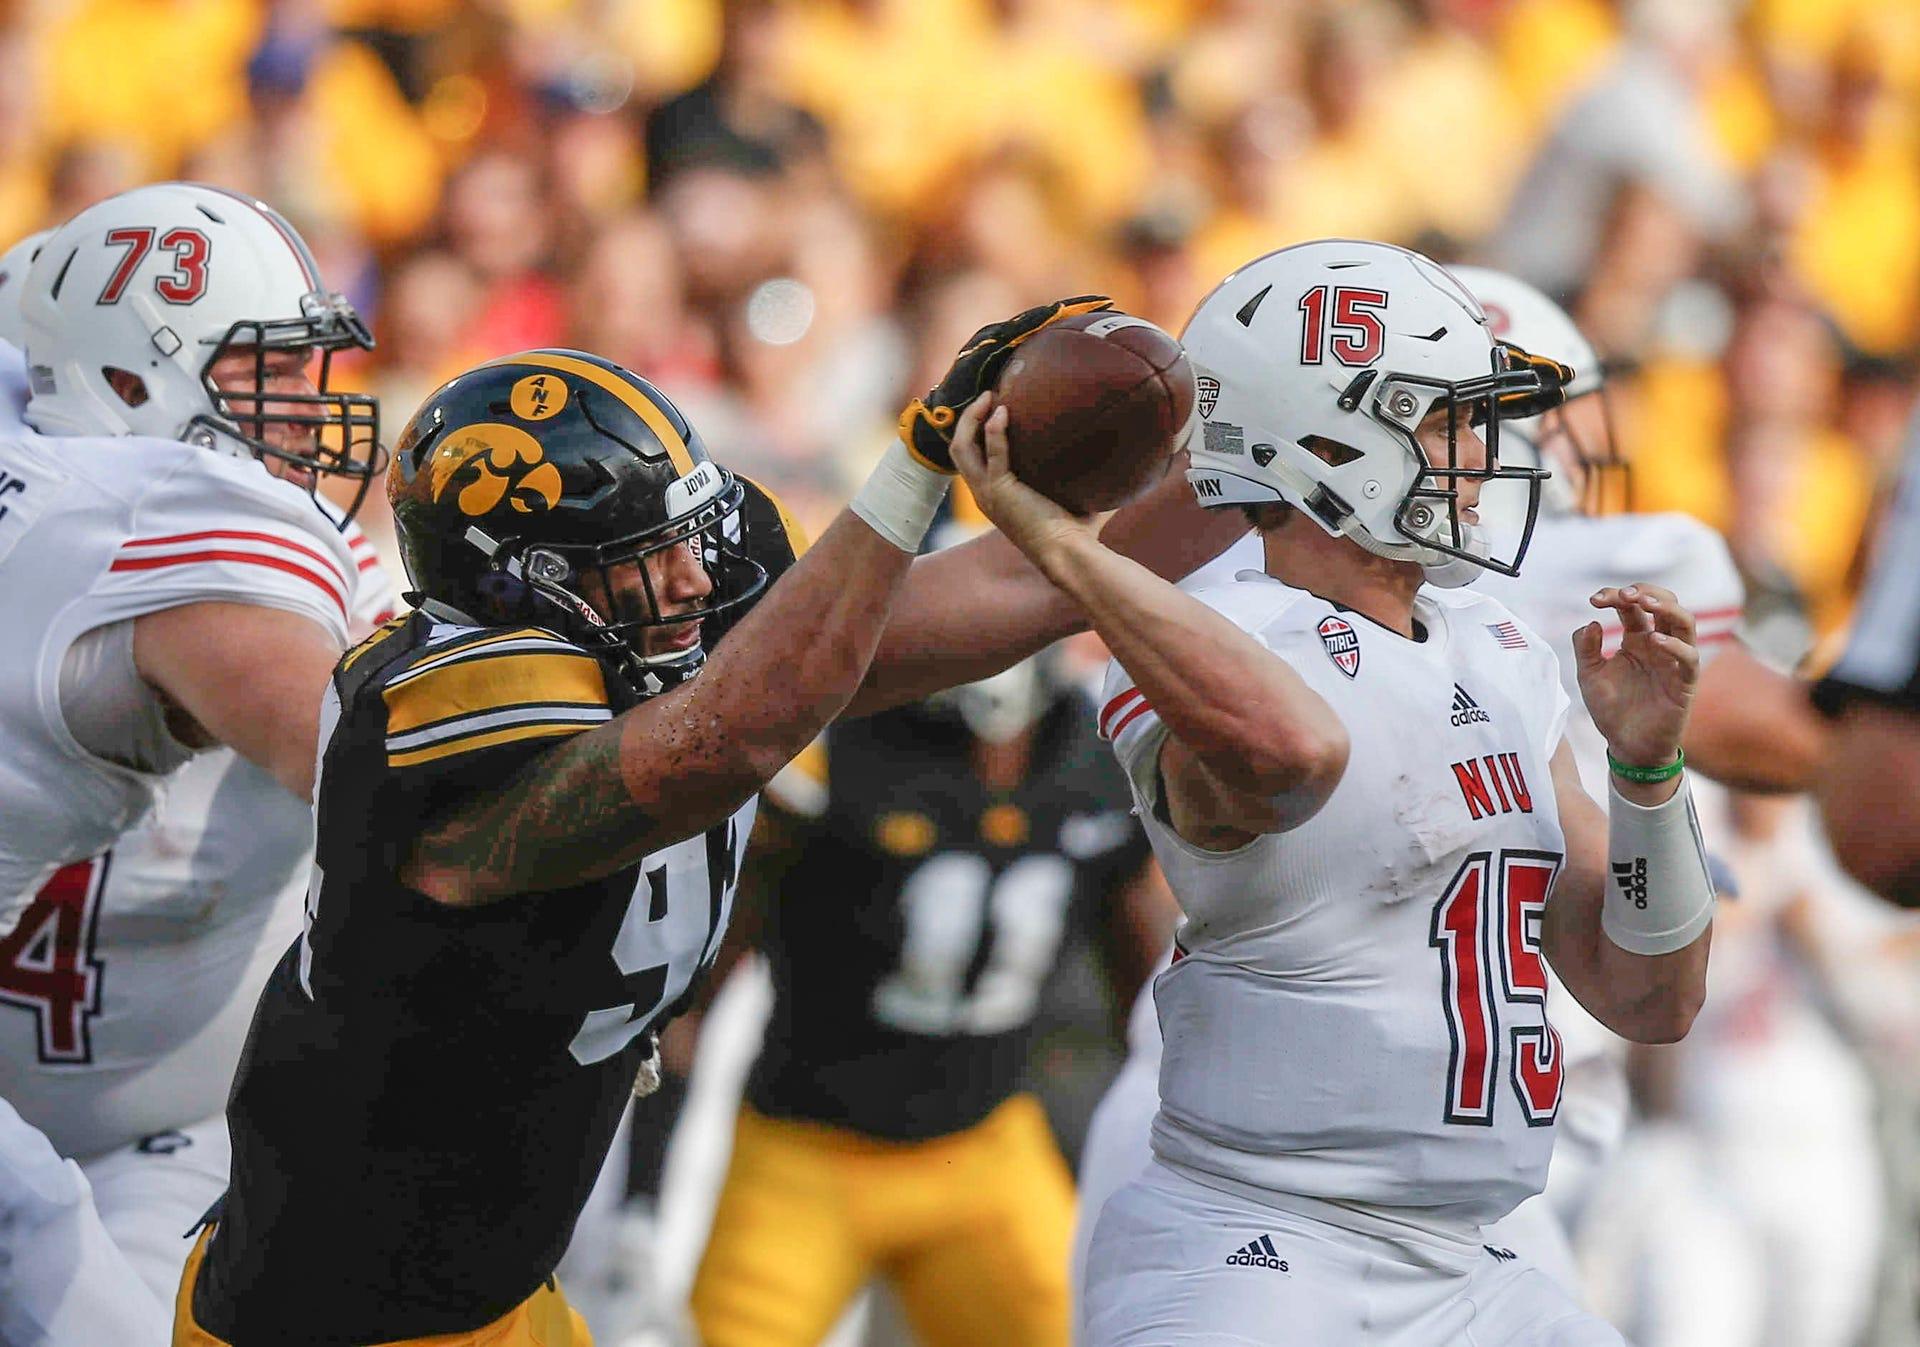 Photos: Iowa vs  Northern Illinois football